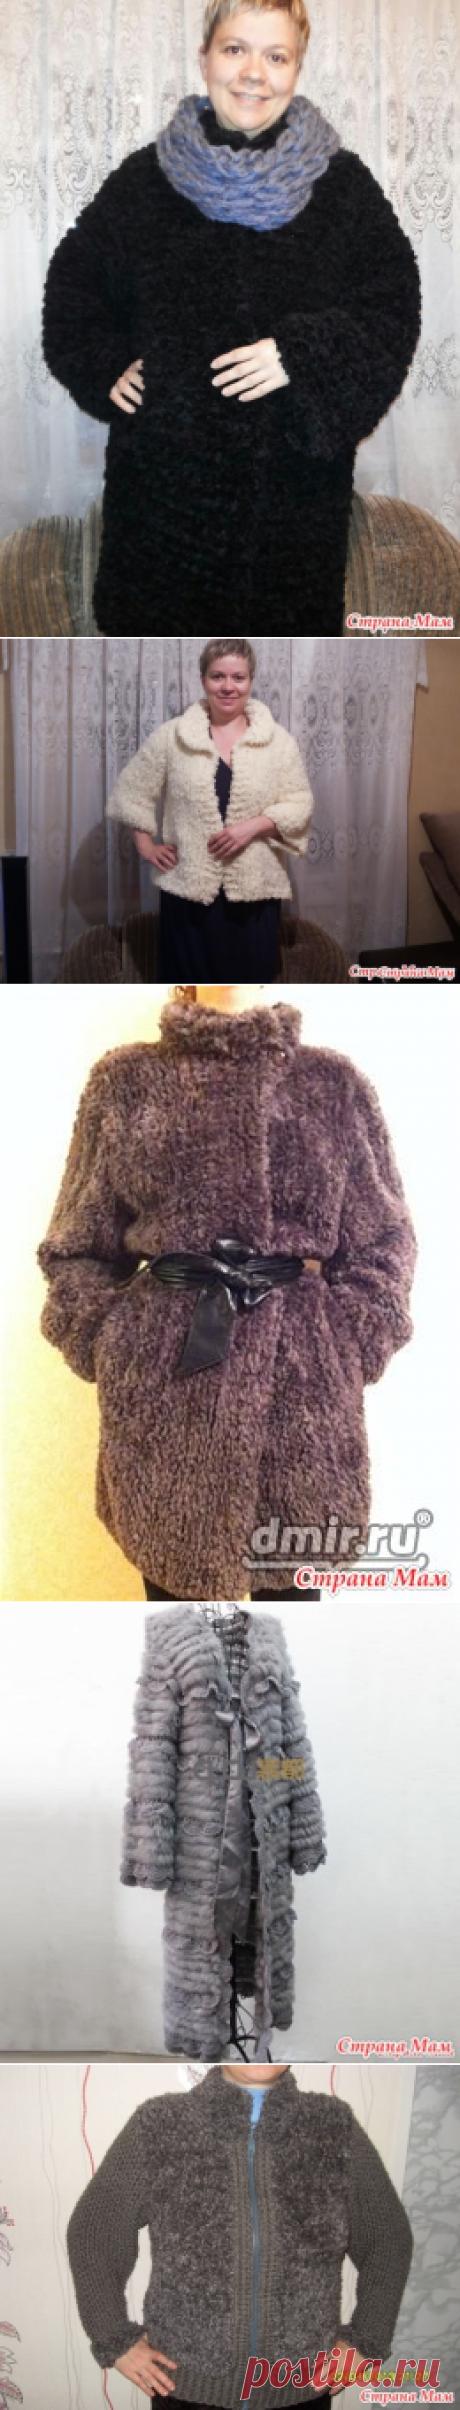 Вяжем шубки из пряжи Ализе Фурлана имитирующей мех козлика - Вяжем вместе он-лайн - Страна Мам